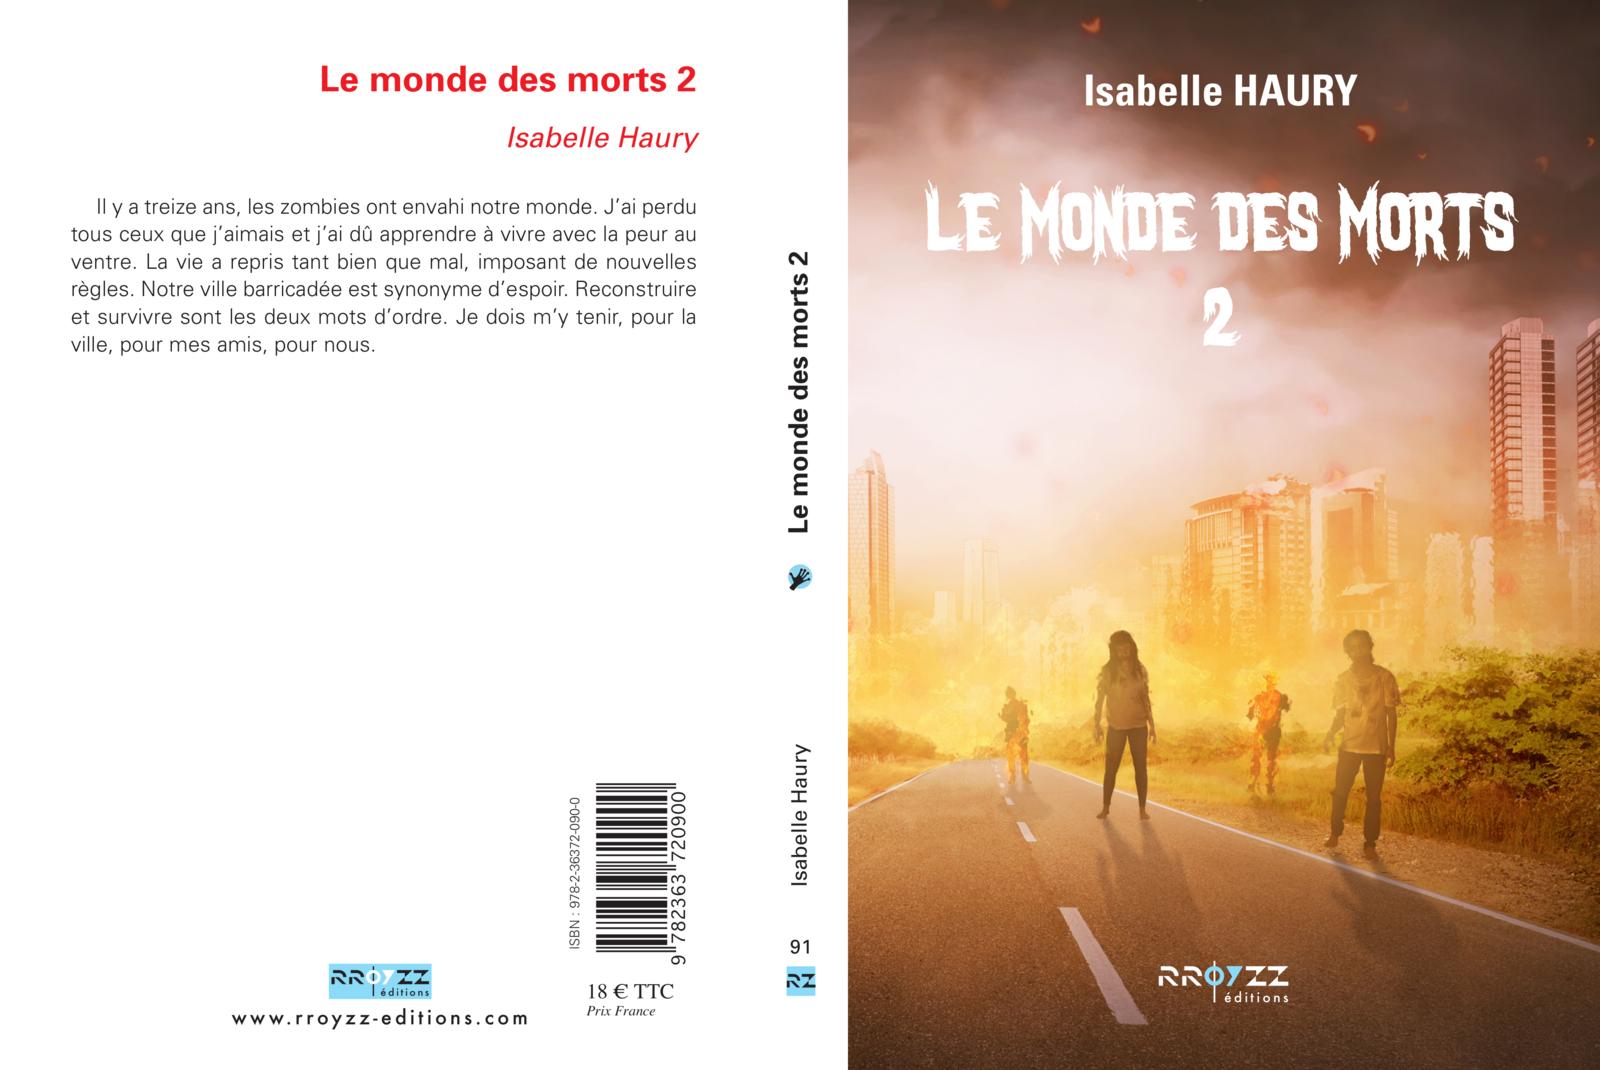 Le Monde des Morts dévoile sa couverture chez Rroyzz Editions